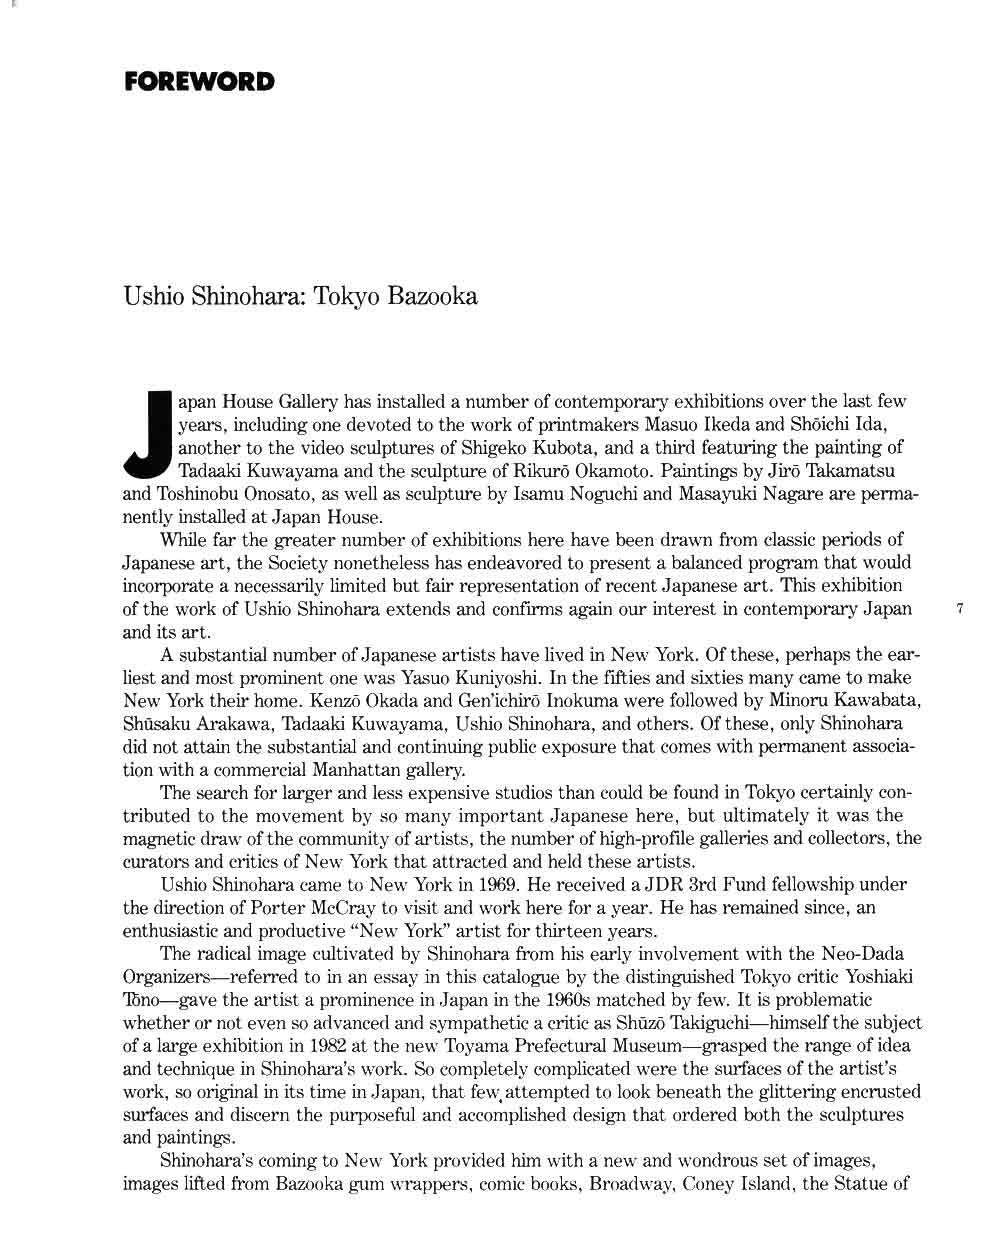 016 Ushio Shinohara Tokyo Bazooka Essay Pg 1 Example How To Quote Lyrics In Beautiful An Properly Song Apa Full